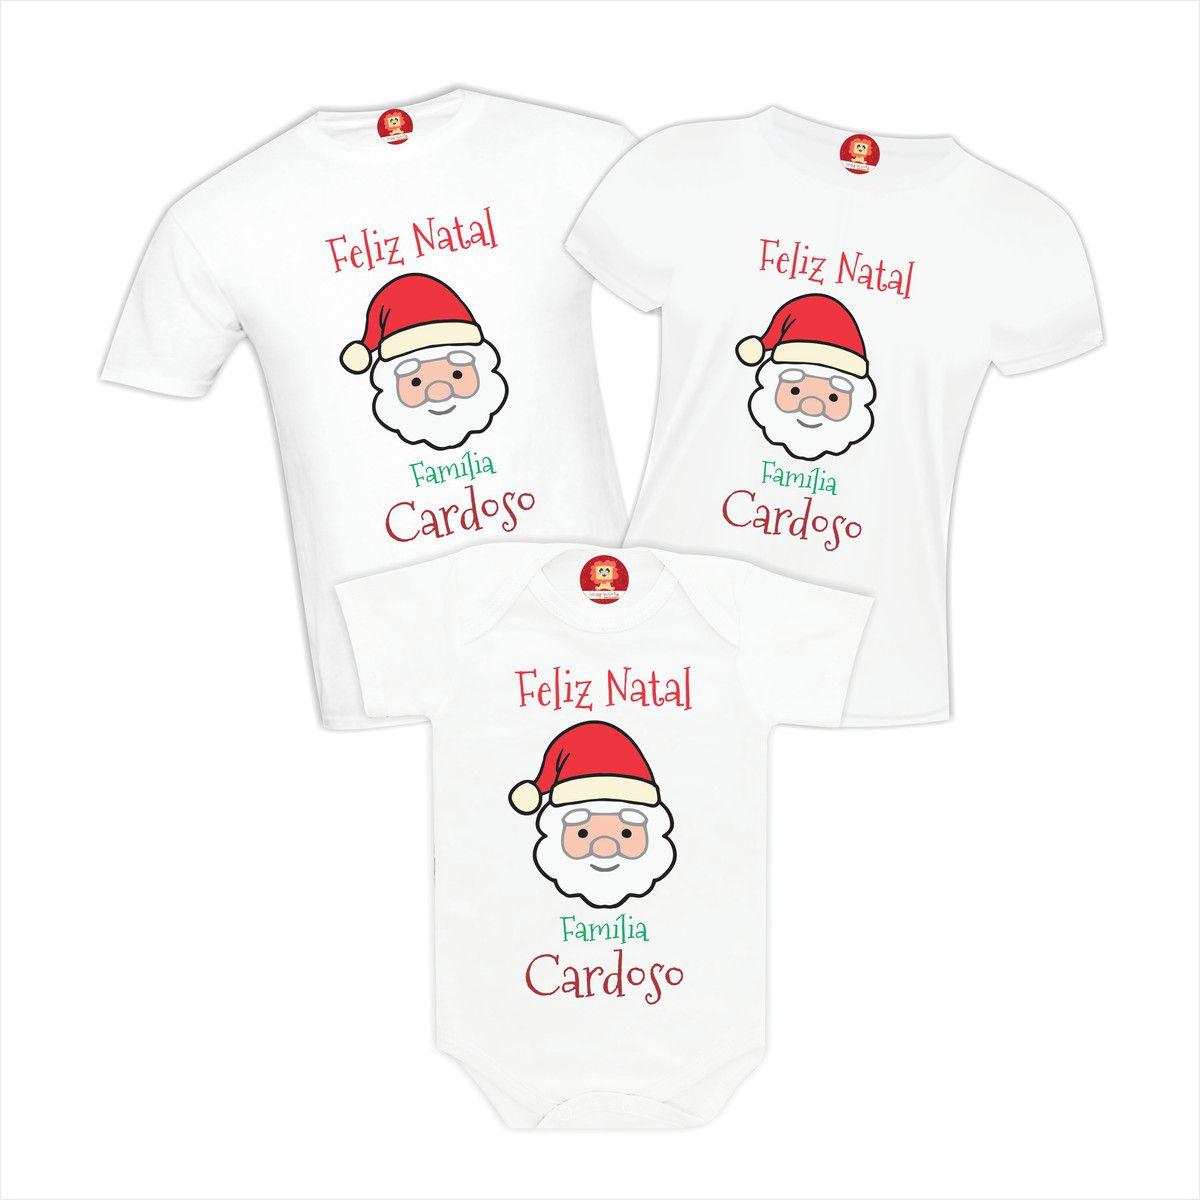 Kit Camisetas Feliz Natal Família Personalizado com Nome